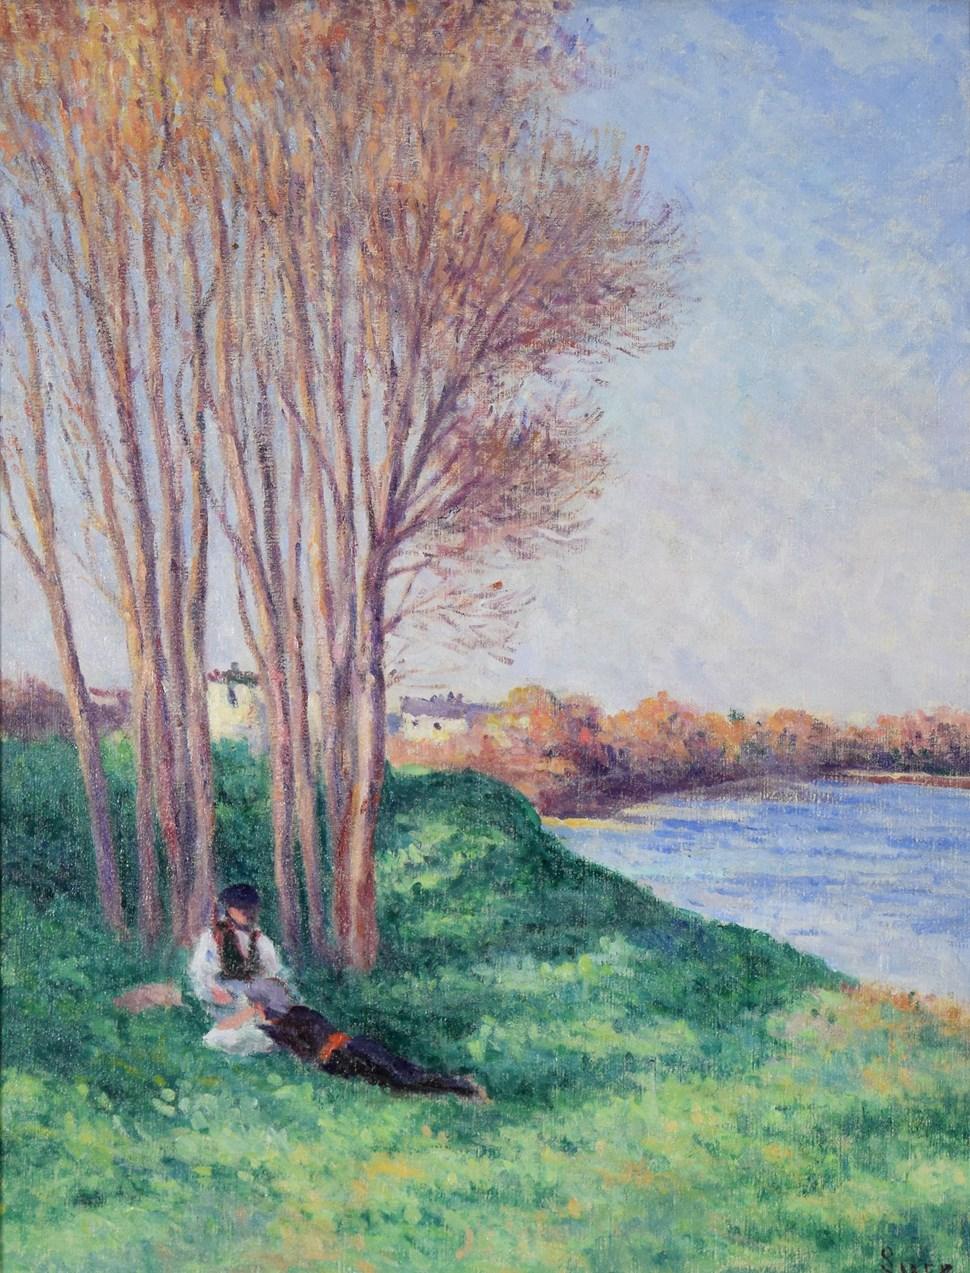 Le Repos sur les Bords de la Loire à Saint-Ay - Maximilien Luce (1858 -1941)